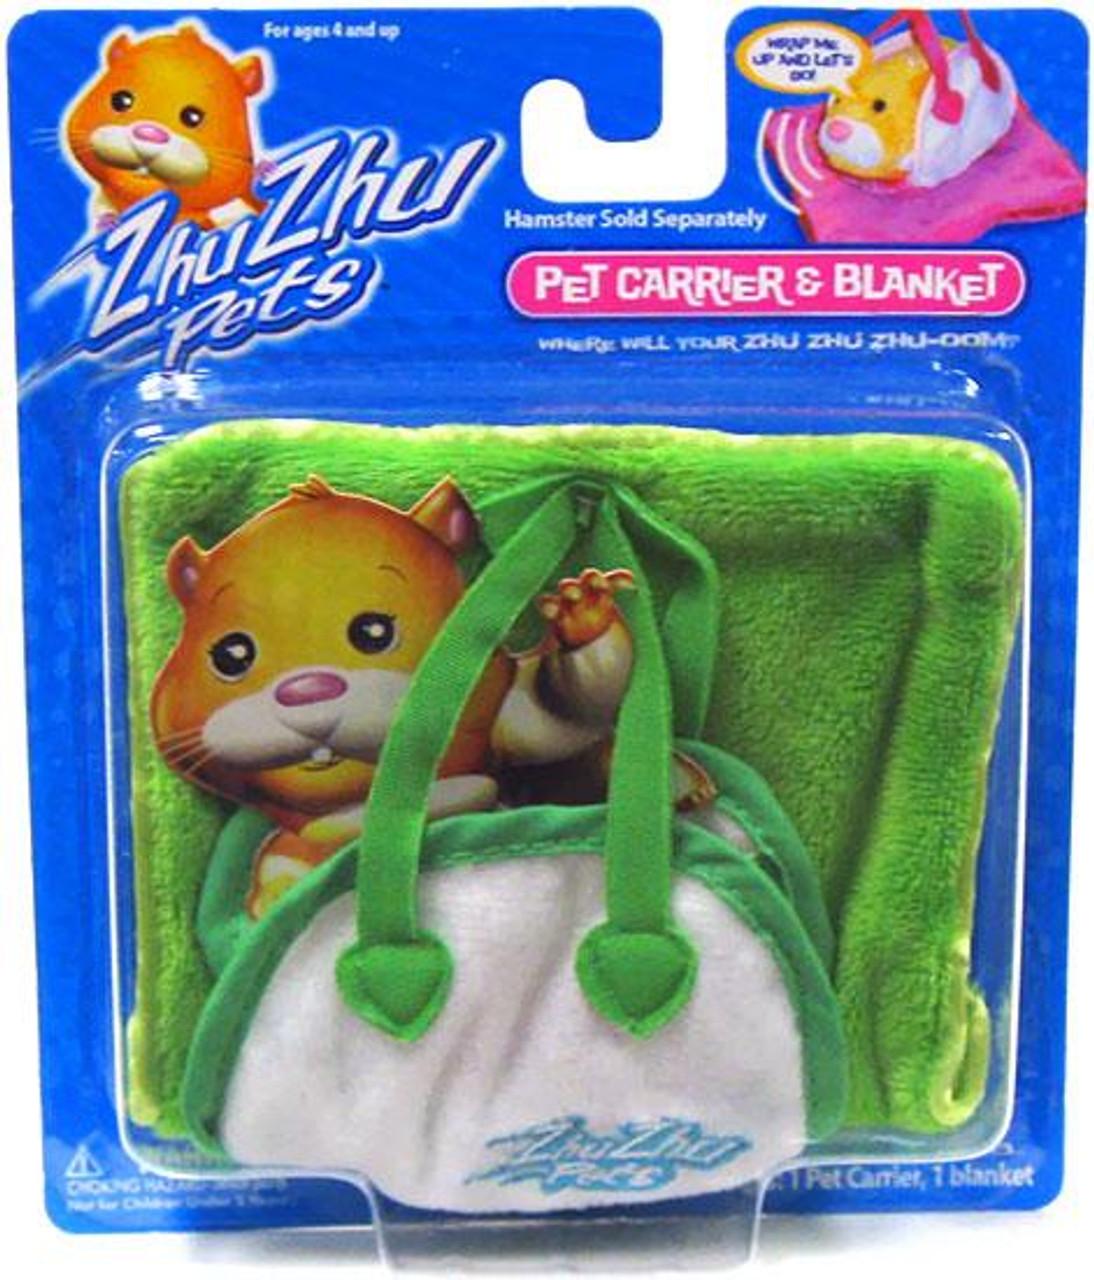 Zhu Zhu Pets Pet Carrier & Blanket Accessory Set [Green]